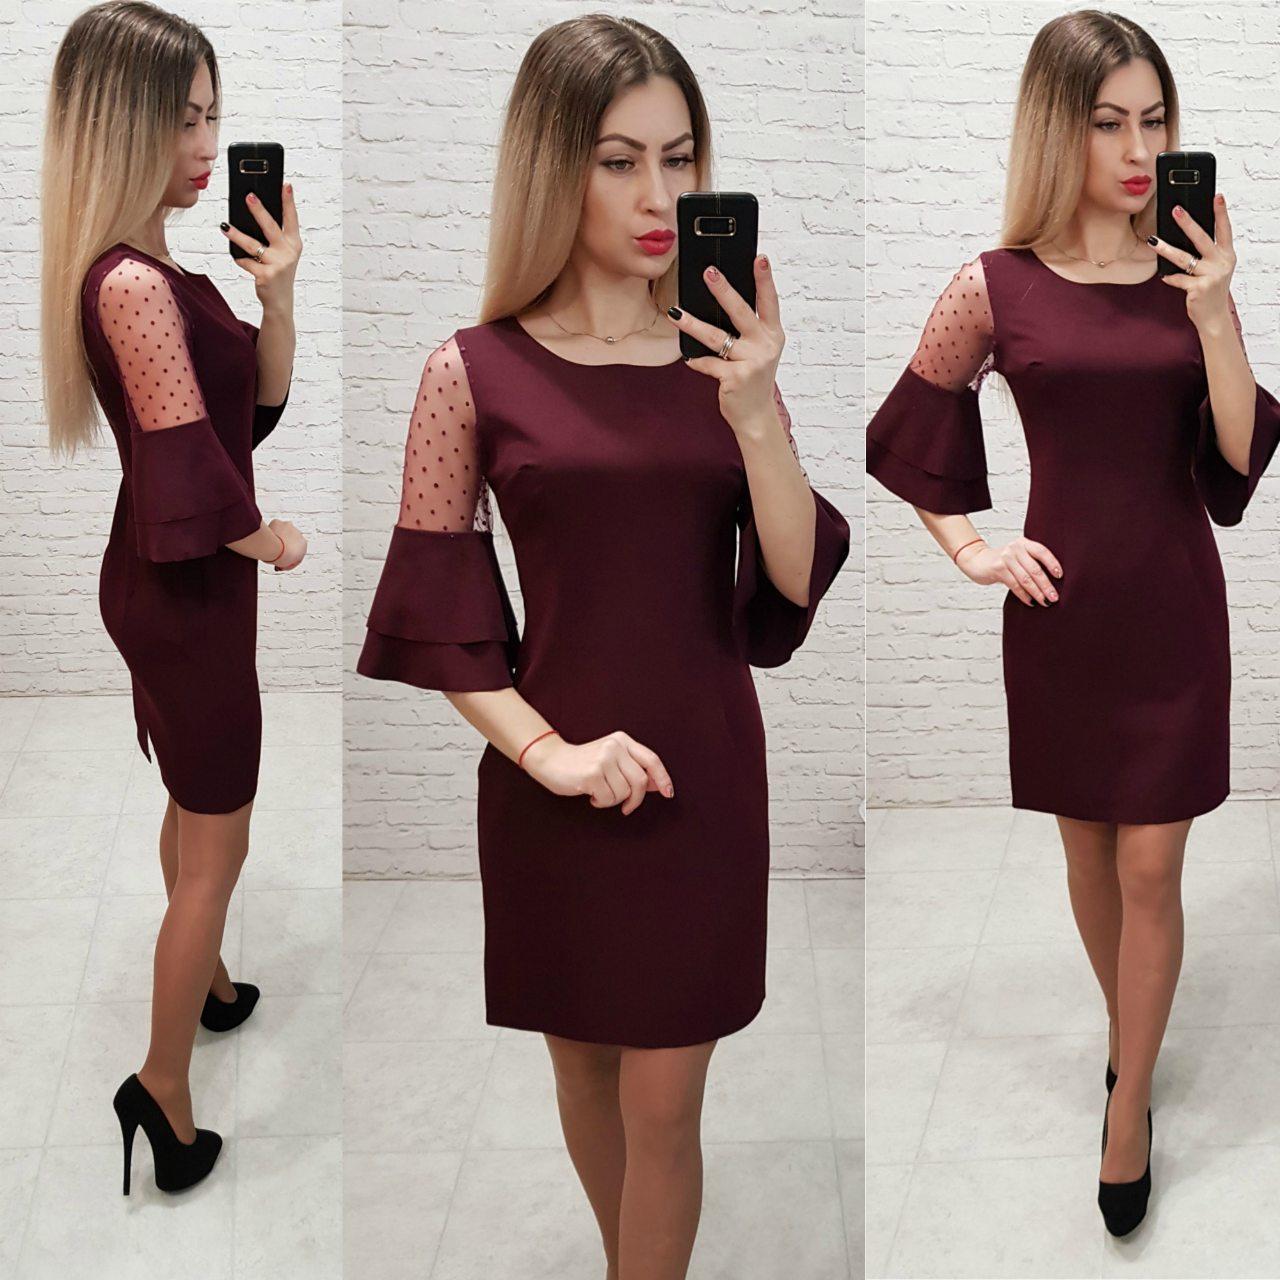 Платье женское, креп+сетка, модель 152, цвет - бордо